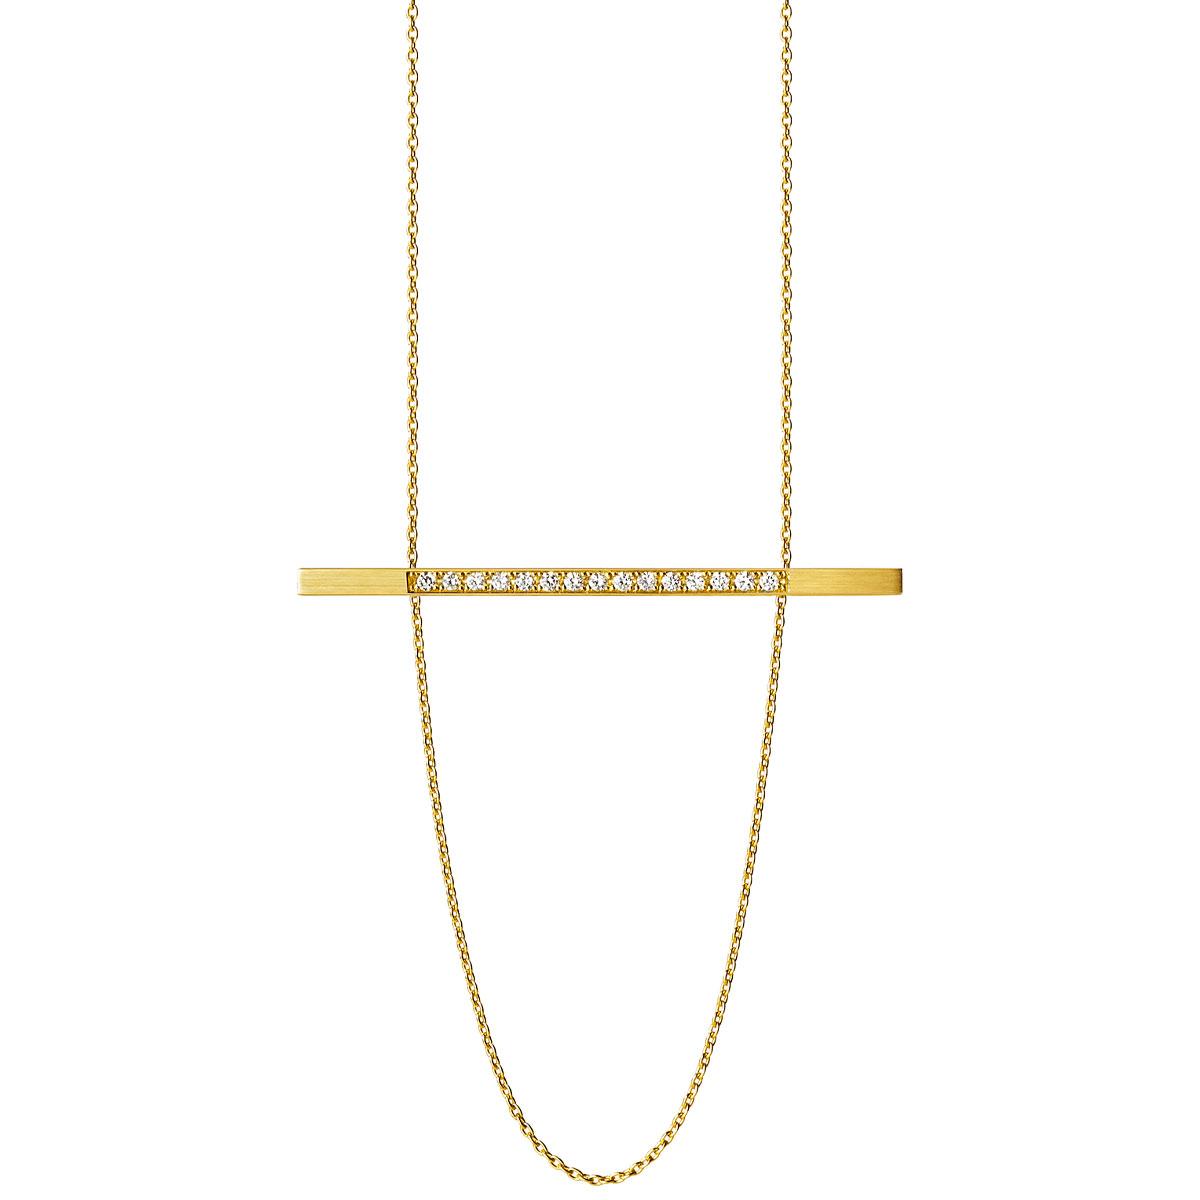 ネックレス〈YG、ダイヤモンド〉¥260,000